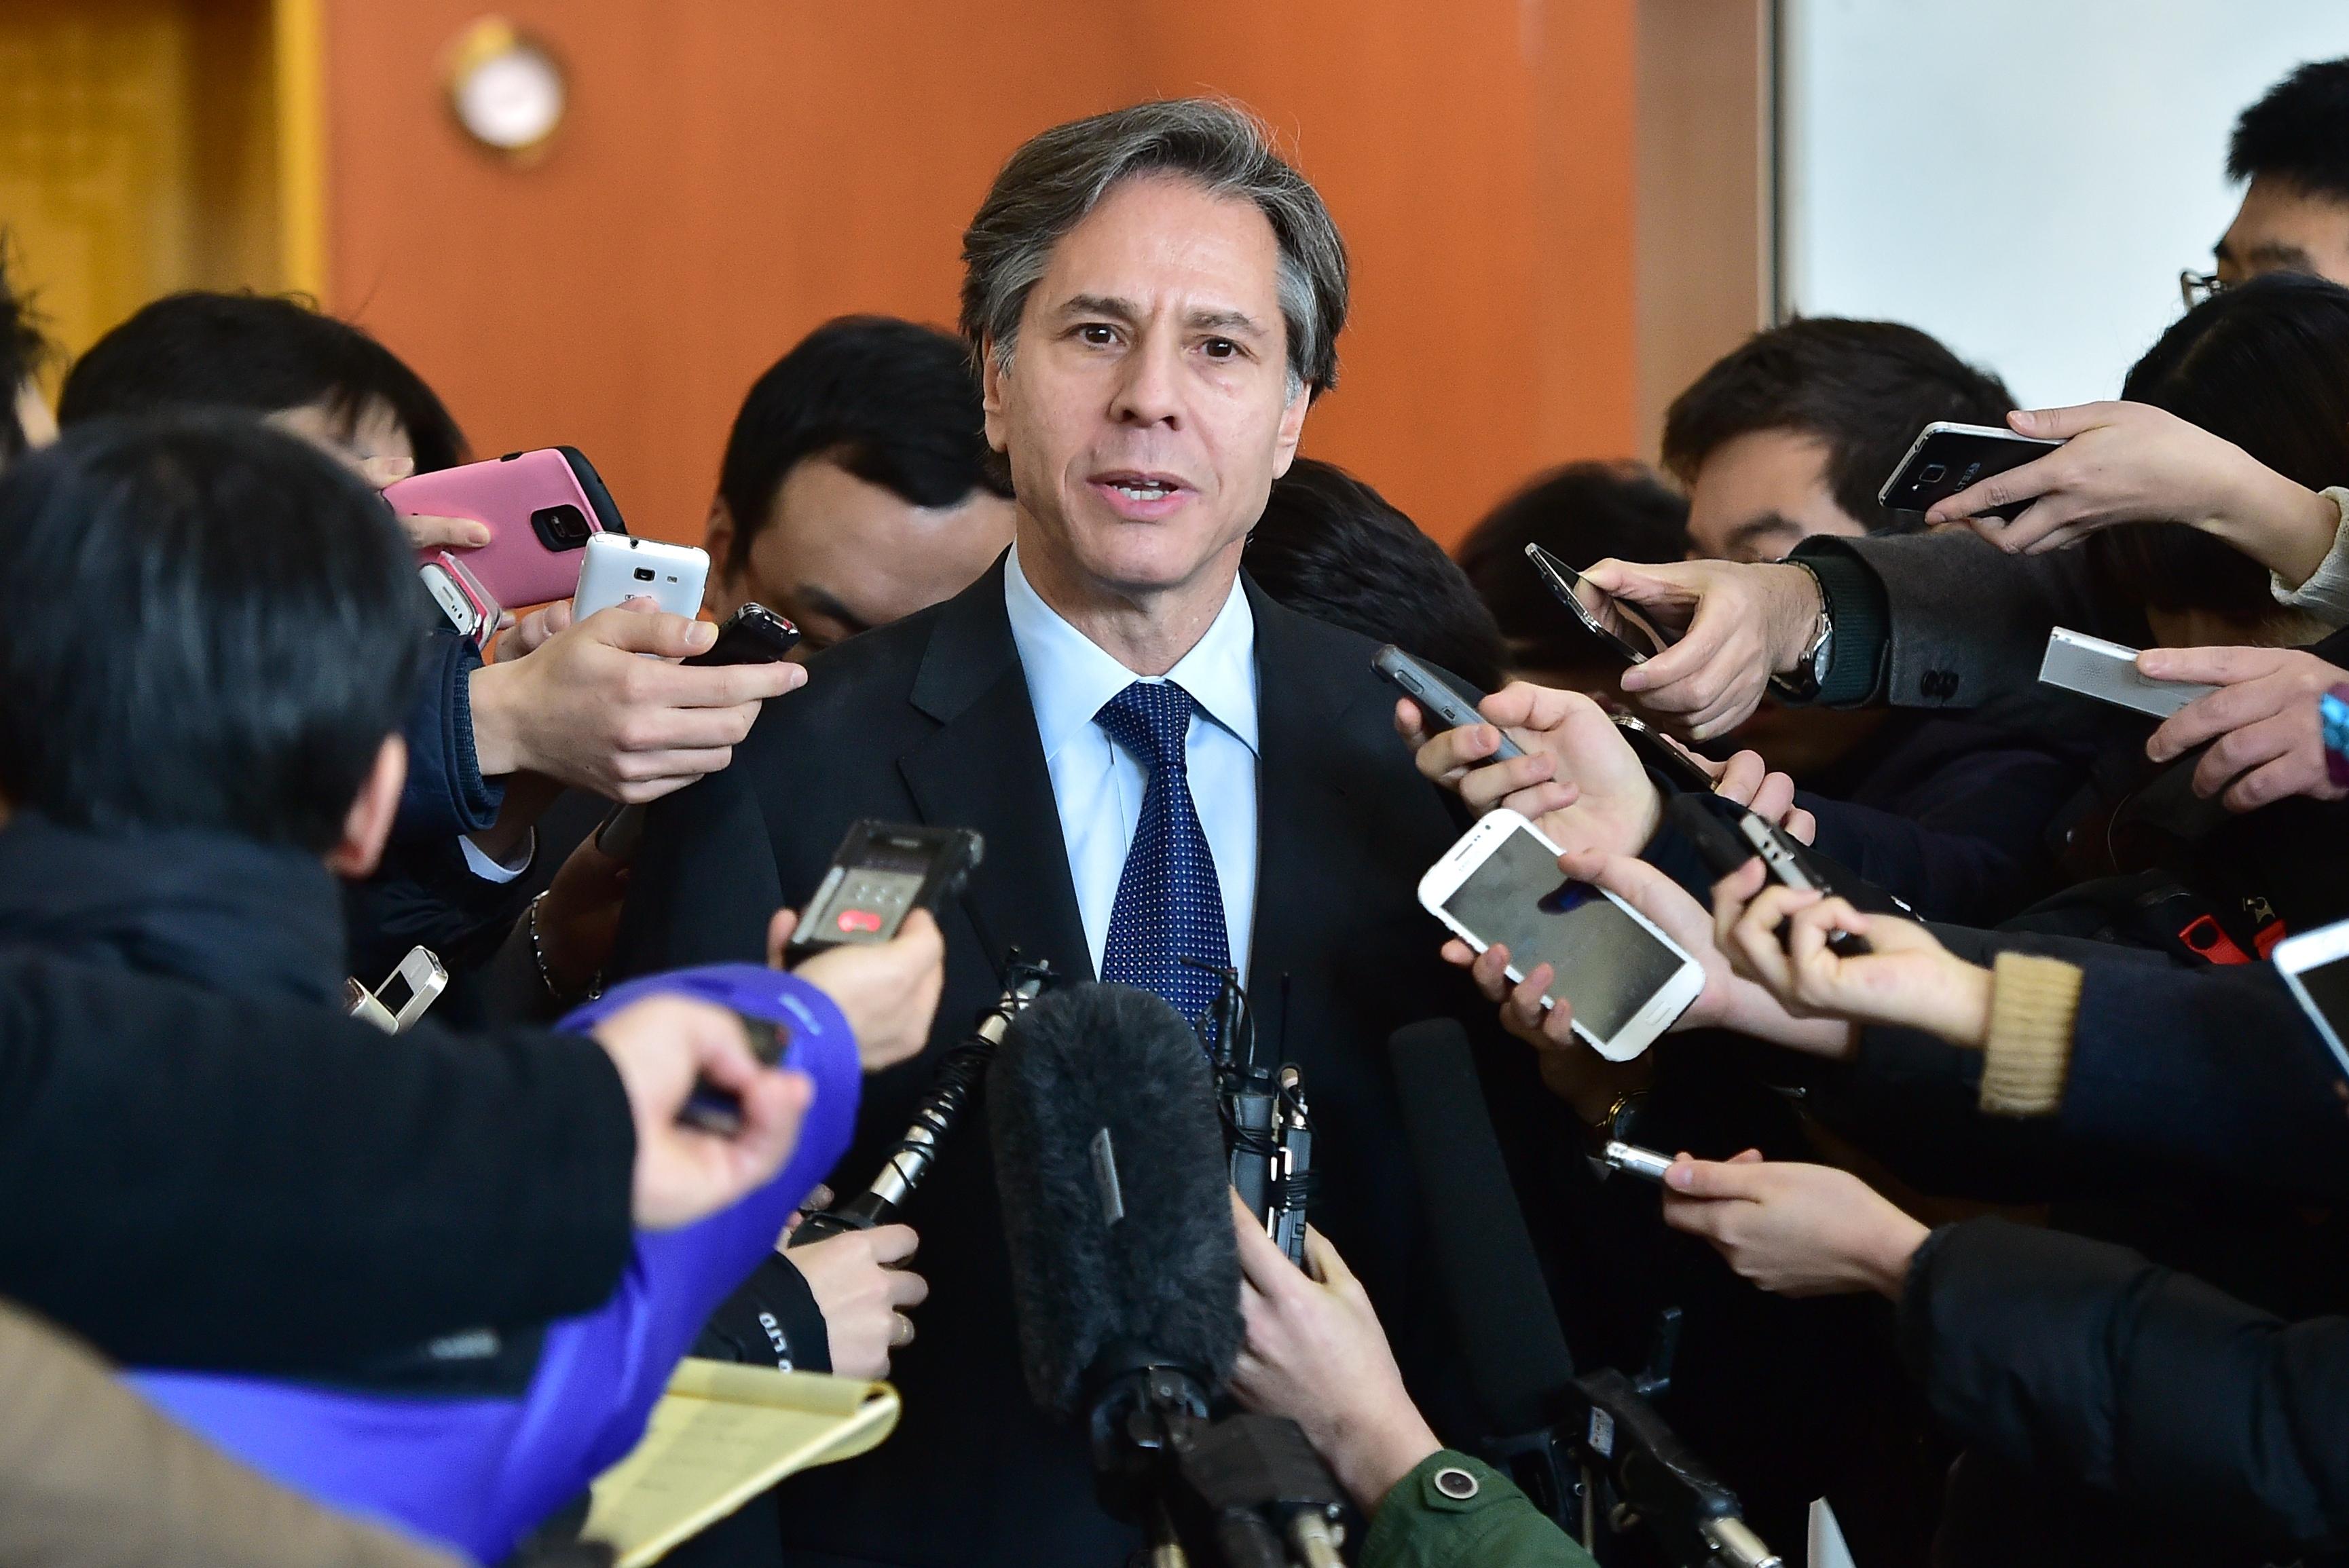 A magyar származású Antony Blinken lehet Biden külügyminisztere